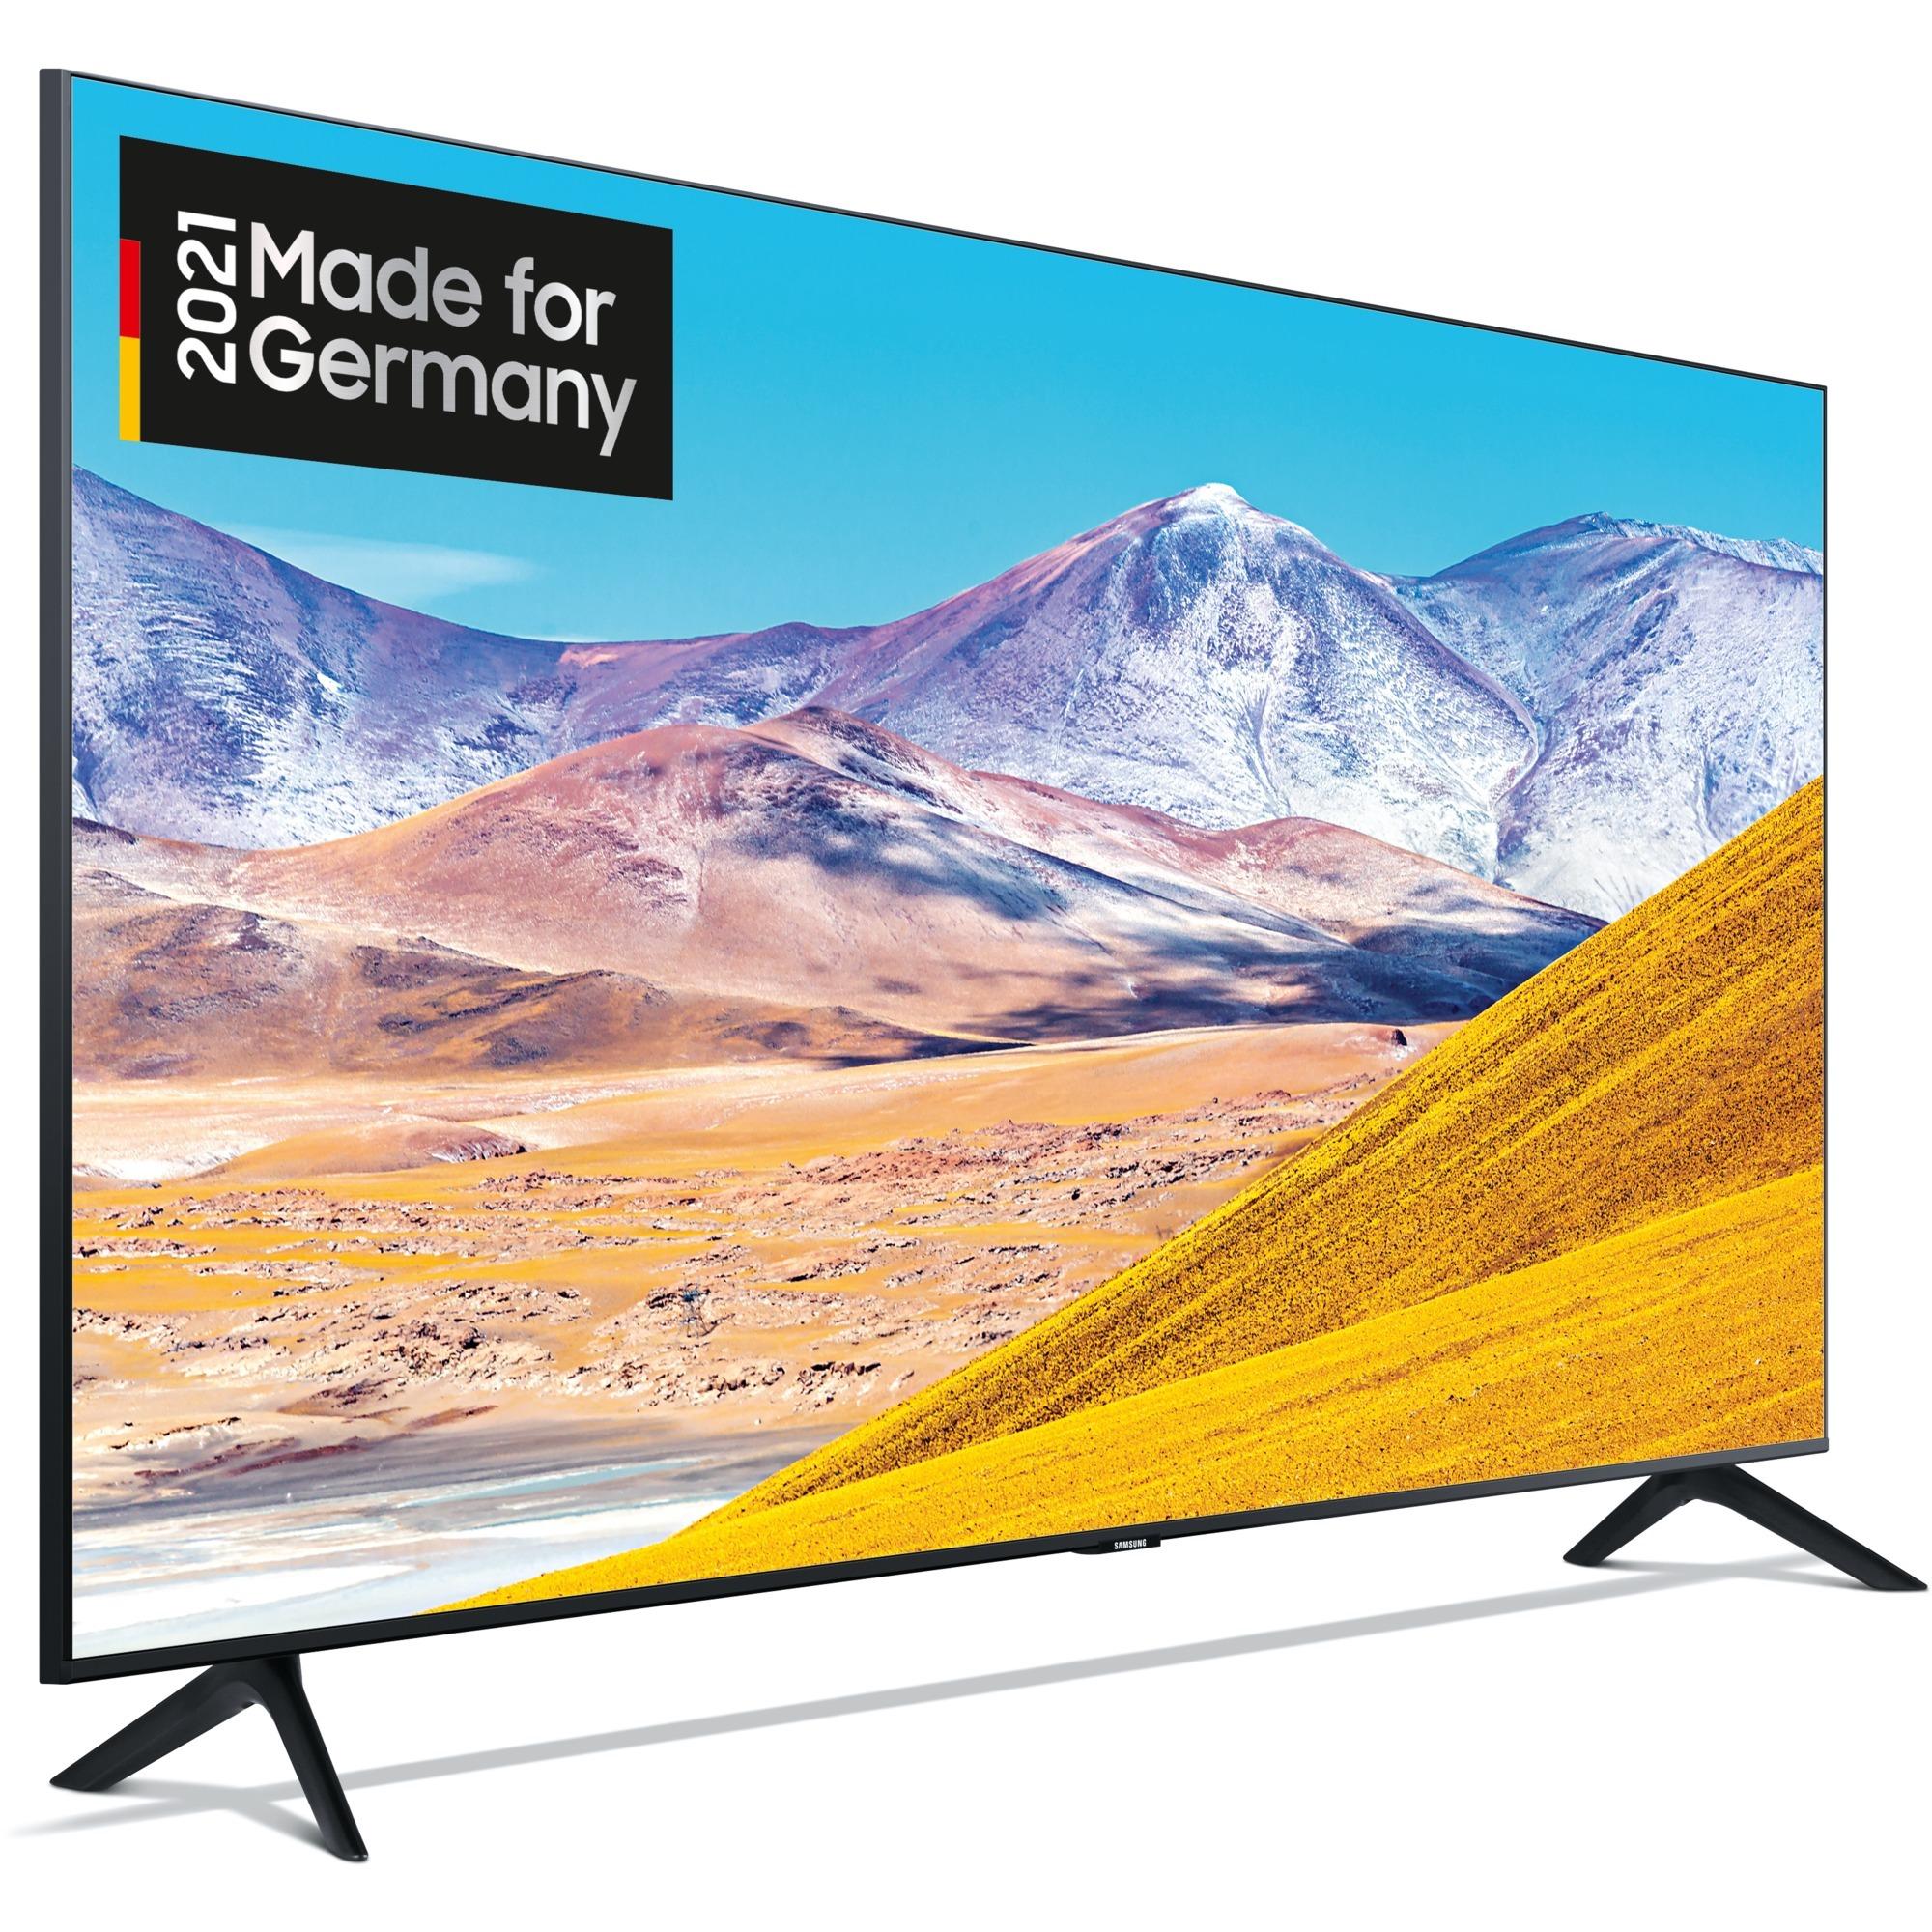 Samsung GU-65TU8079, LED-Fernseher